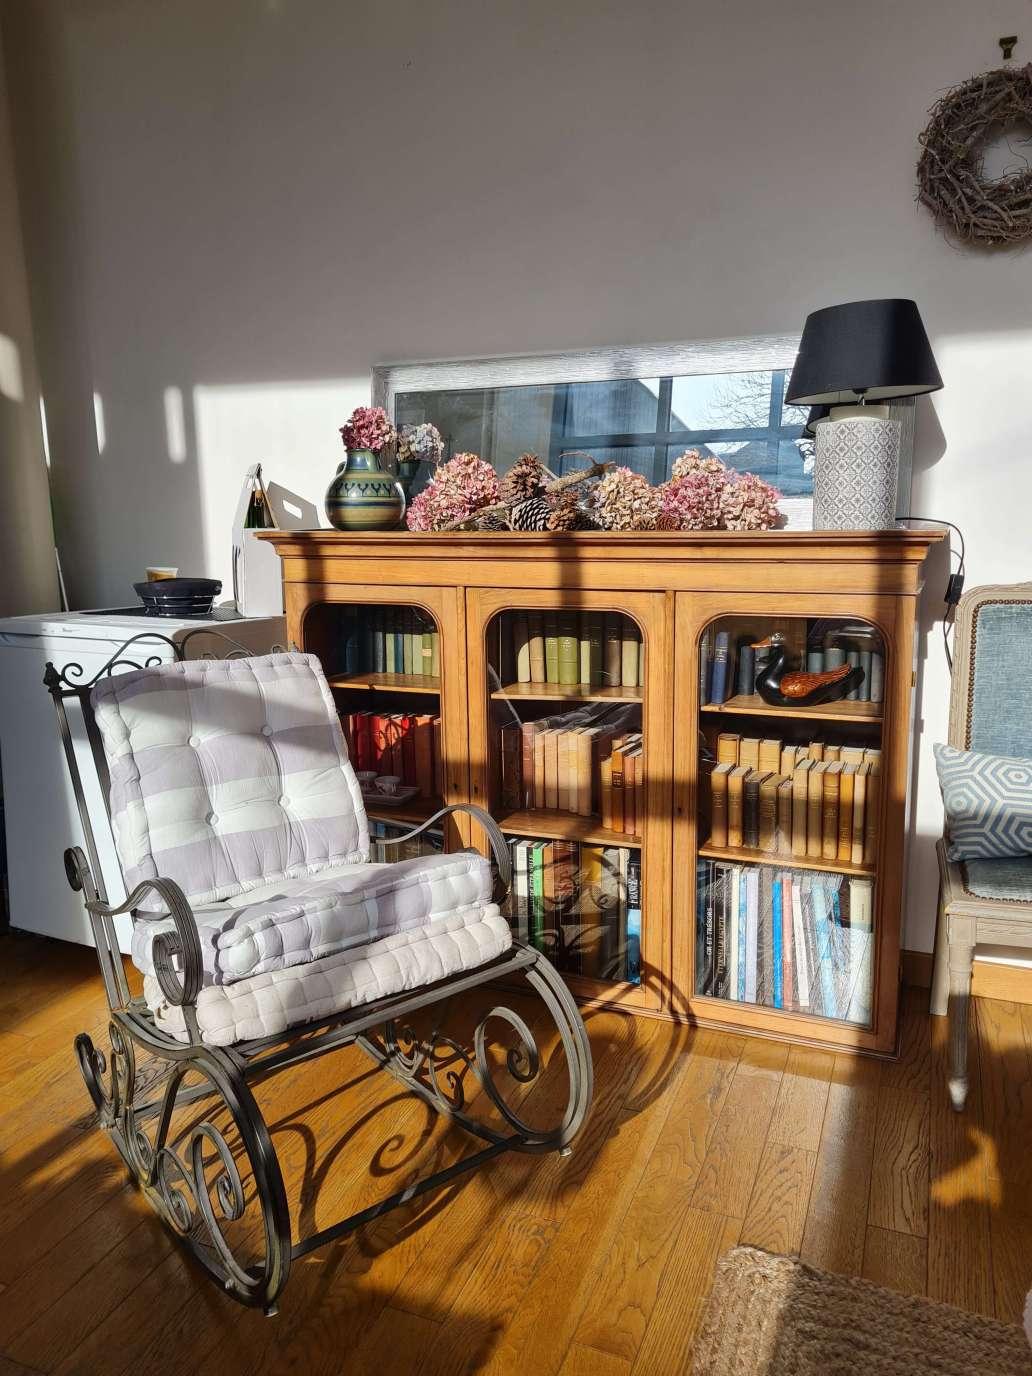 20210213 143354 1536x2048 - Airbnb Tour : visite privée d'une tiny house à Bayeux